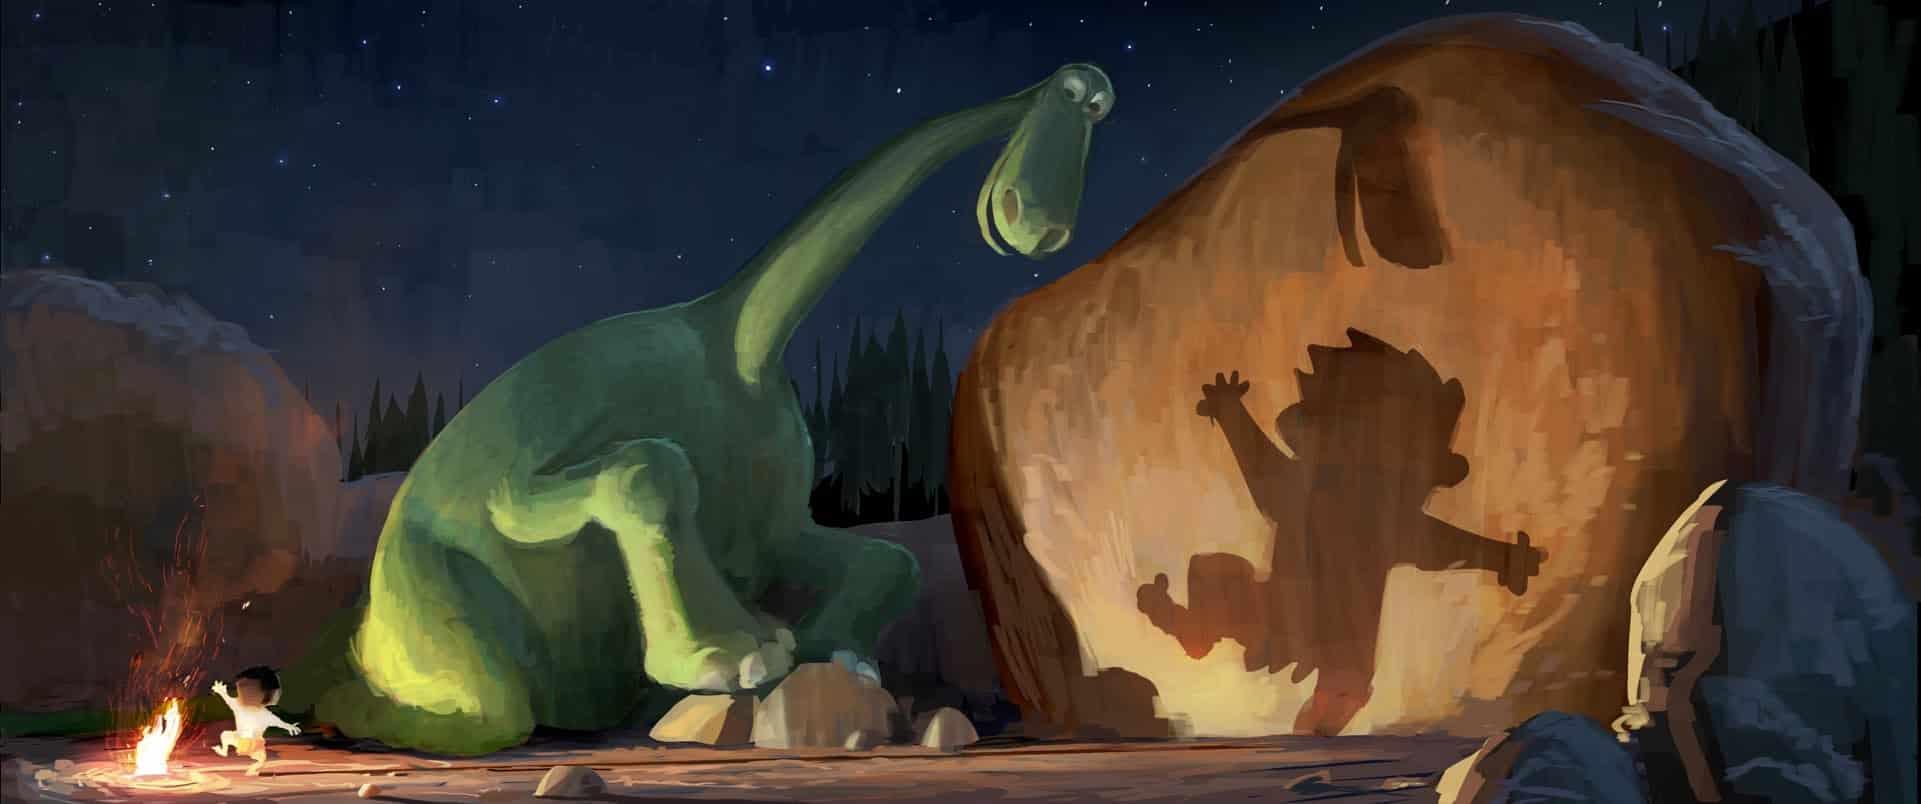 Nueva imagen promocional y de arte de The Good Dinosaur, la nueva película de Pixar y Disney. Disney Pixar ha revelado los cambios en el elenco que ha habido en The Good Dinosaur, esto después de cambios en la cinta. The Good Dinosaur es dirigida por Peter Sohn, y estelarizada por este nuevo elenco y los cambios modernos: Raymond Ochoa, Jeffrey Wright, Steve Zahn, AJ Buckley, Anna Paquin, Sam Elliott, Frances McDormand, Marcus Scribner y Jack Bright.